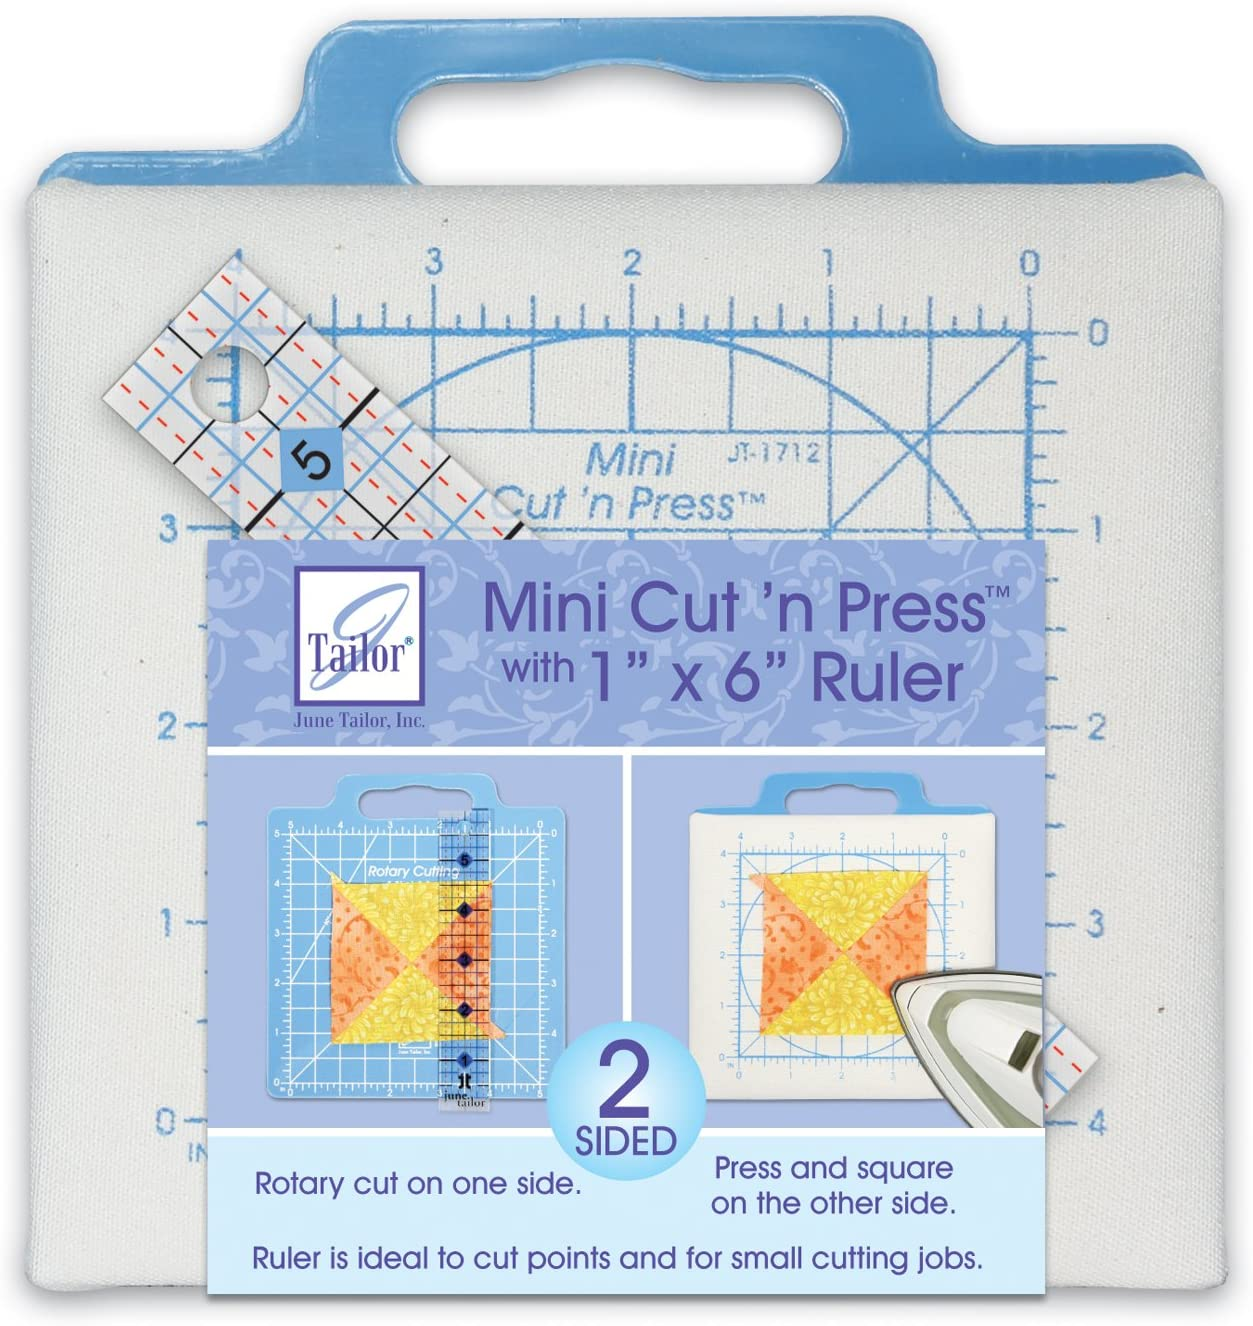 Mini June Tailor Cut n Press with Ruler